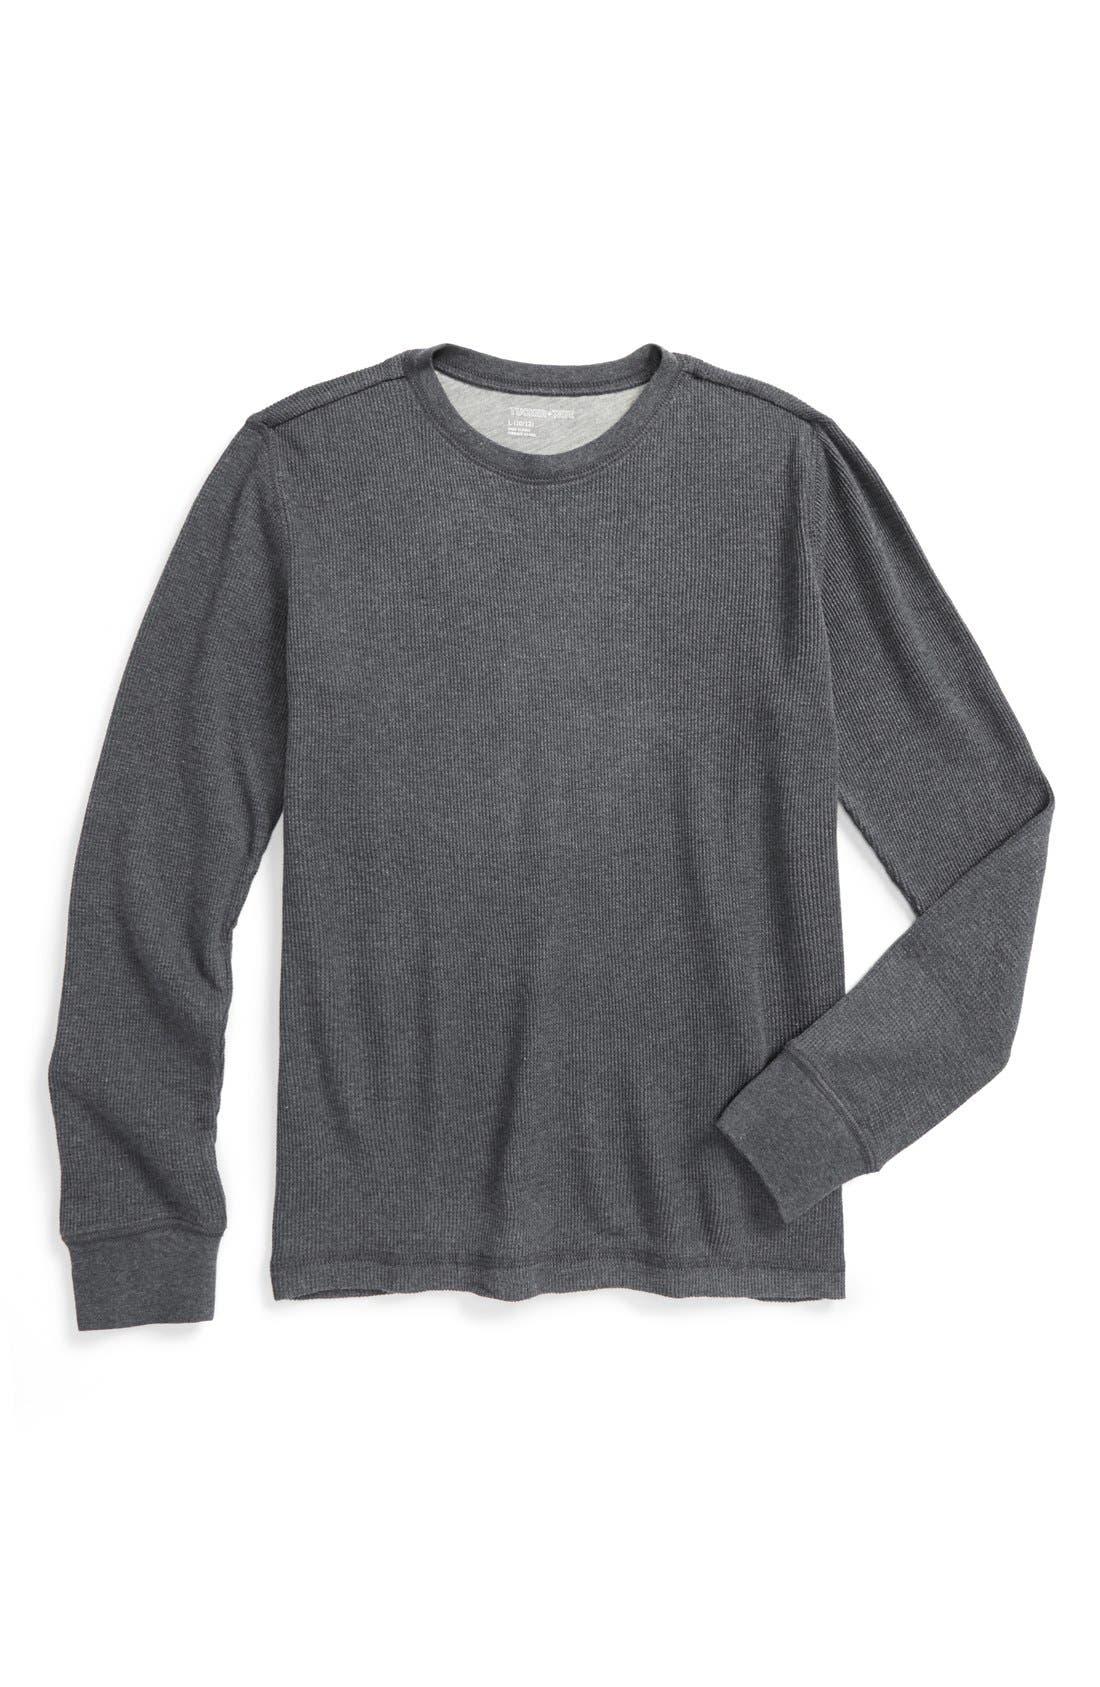 Long Sleeve Thermal T-Shirt,                             Main thumbnail 1, color,                             030